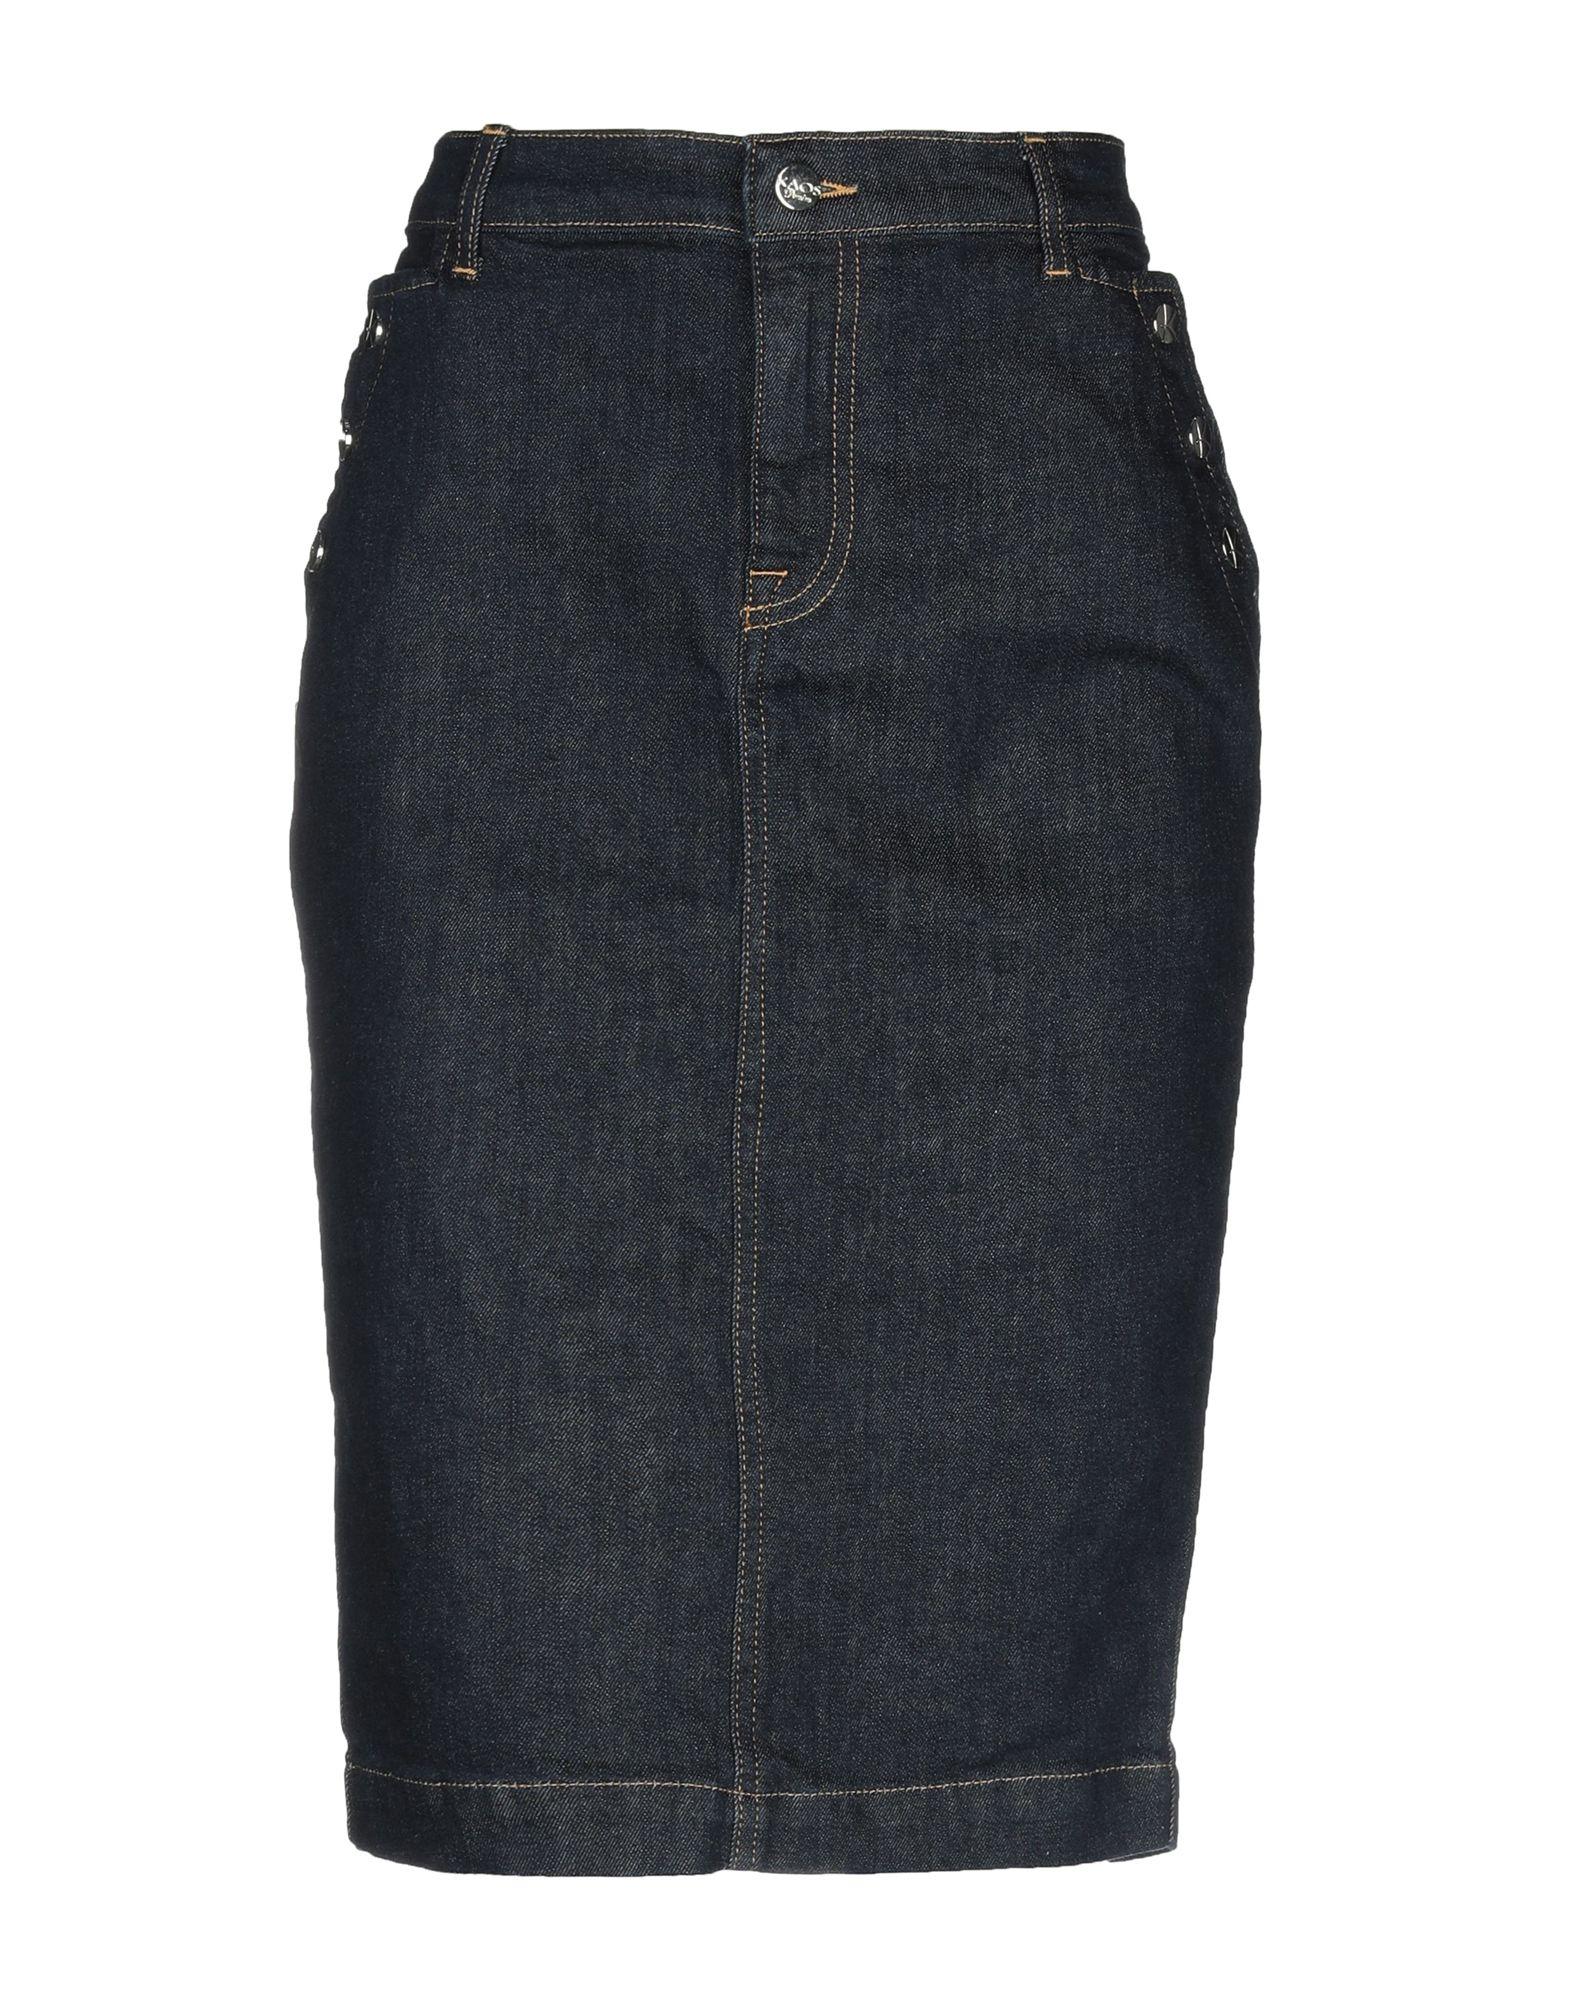 KAOS JEANS Джинсовая юбка kaos jeans мини юбка